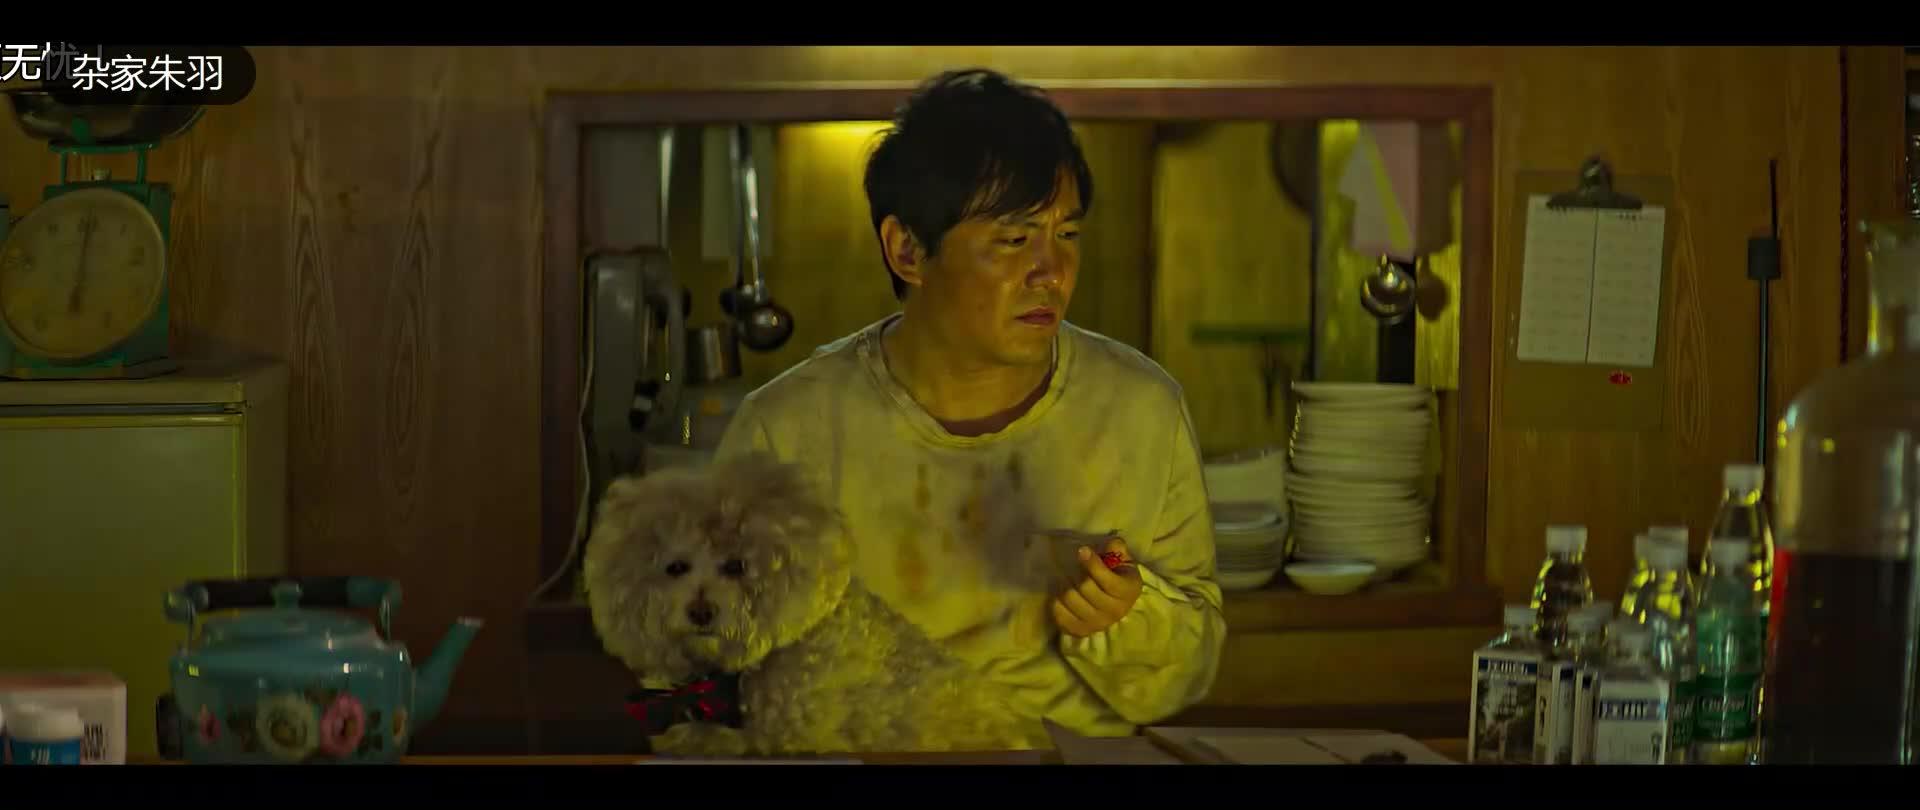 #电影最前线#龙虾刑警:恕我直言,这部剧就是靠沈腾和小龙虾撑起了的!